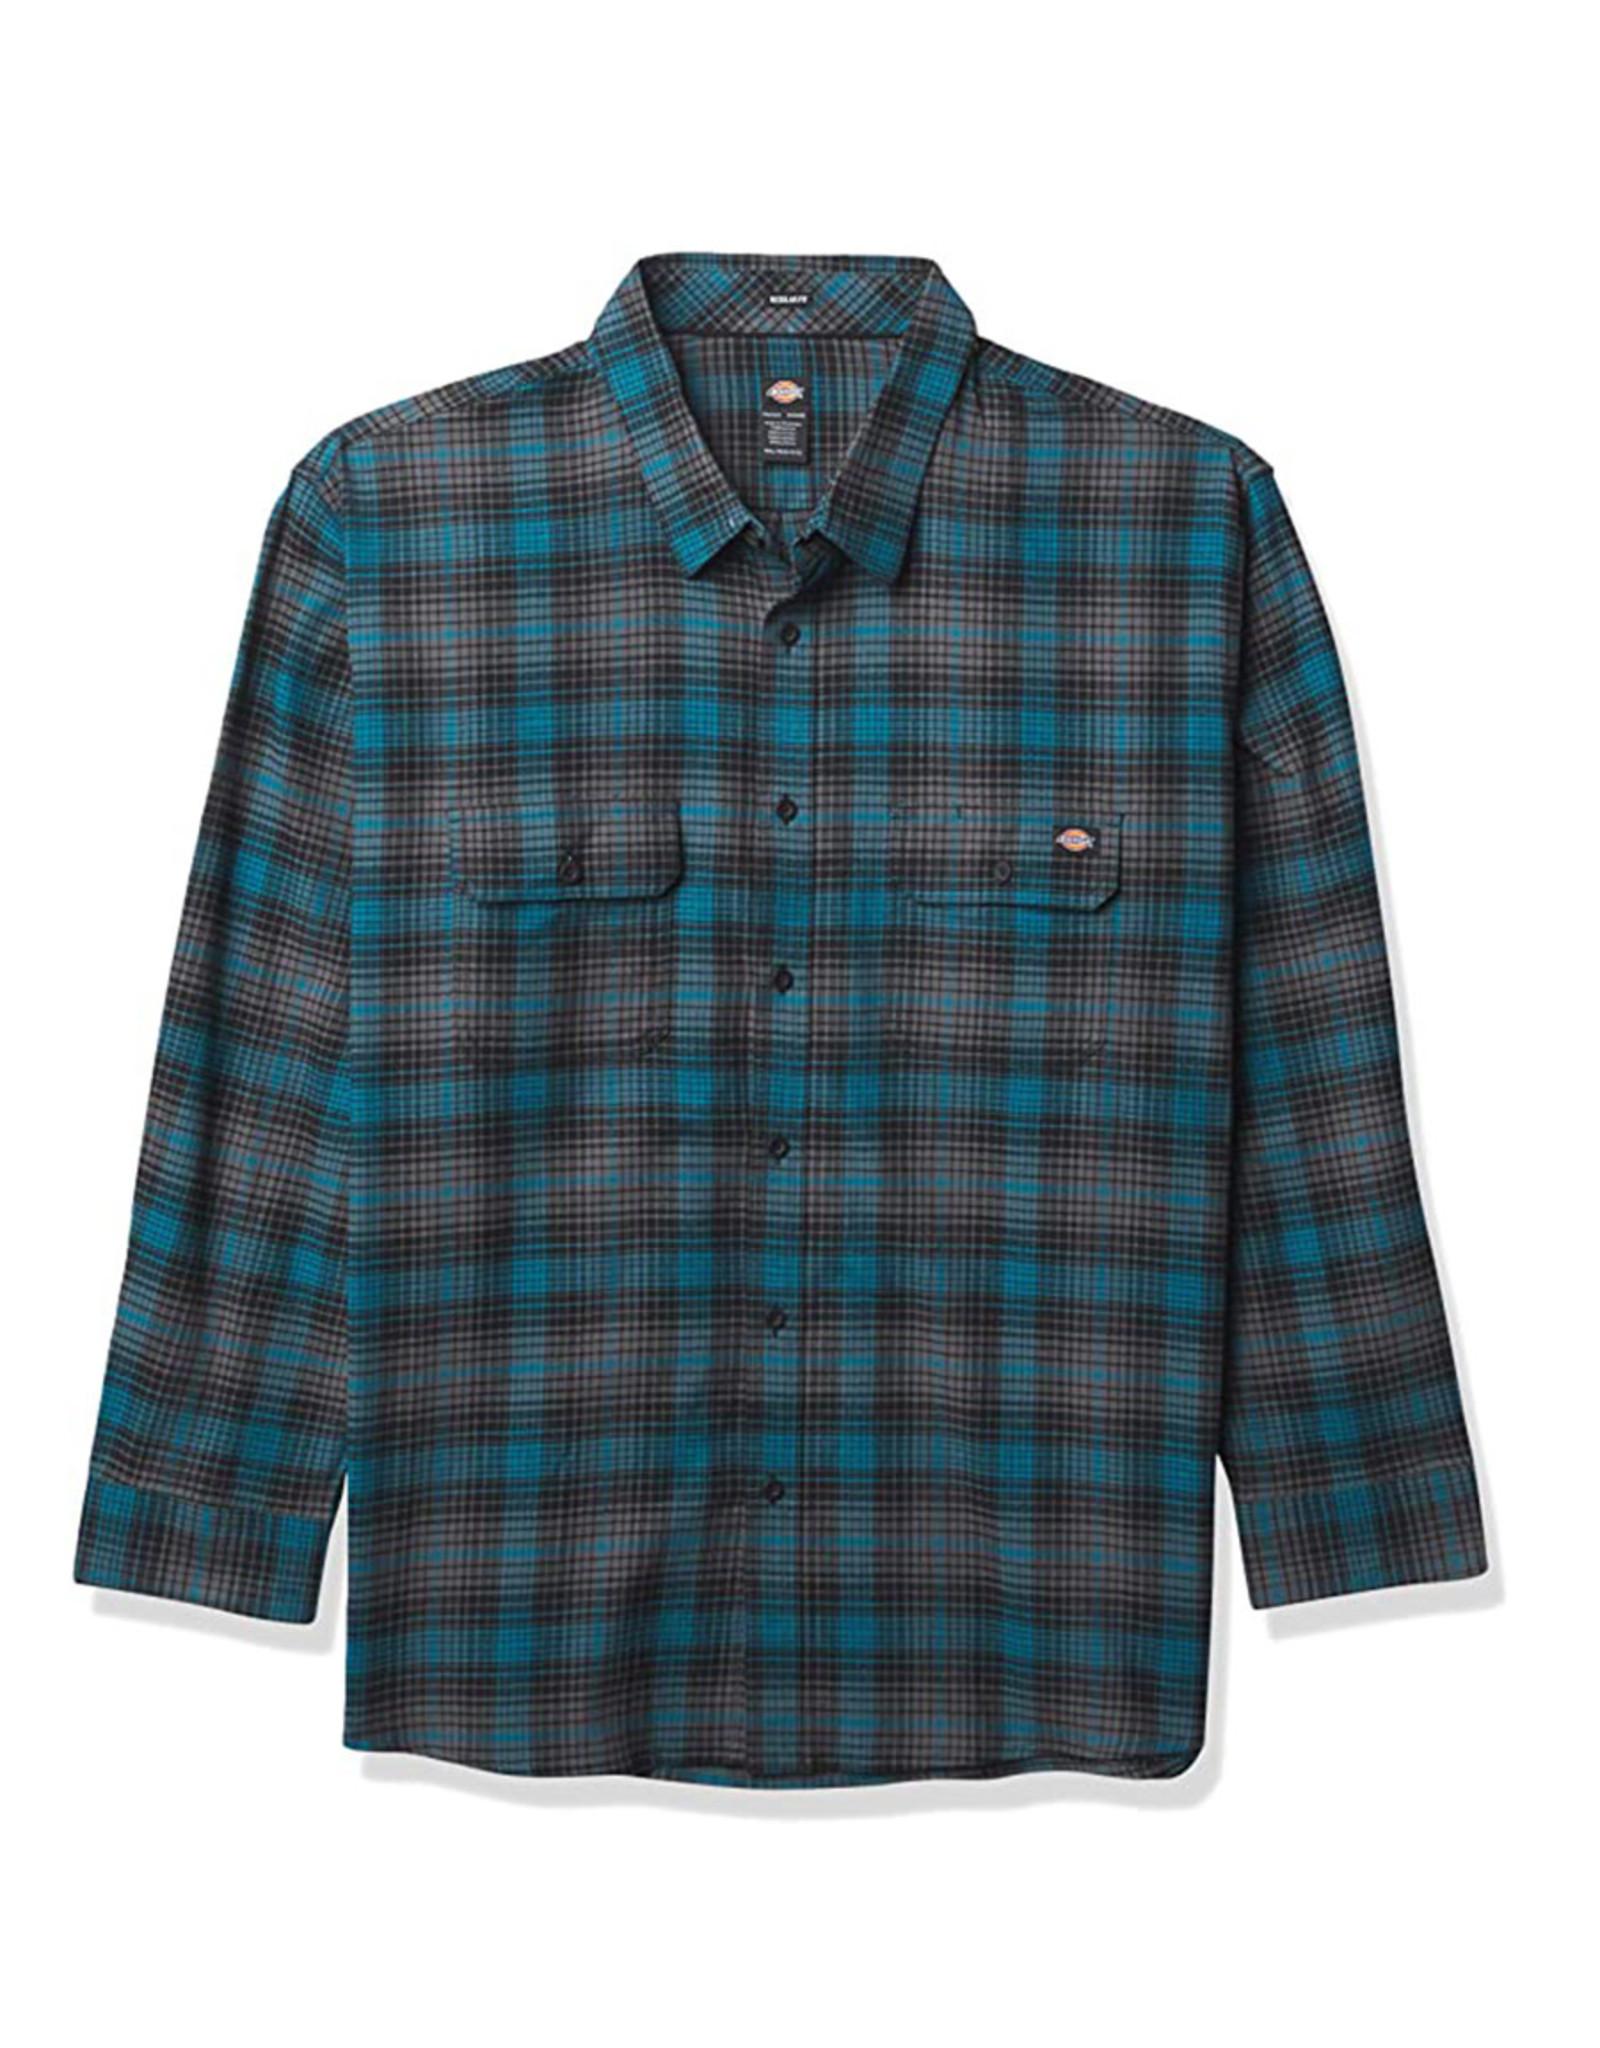 Dickies Dickies Flannel Regular Fit Flex (Deep Sky/Black Plaid)